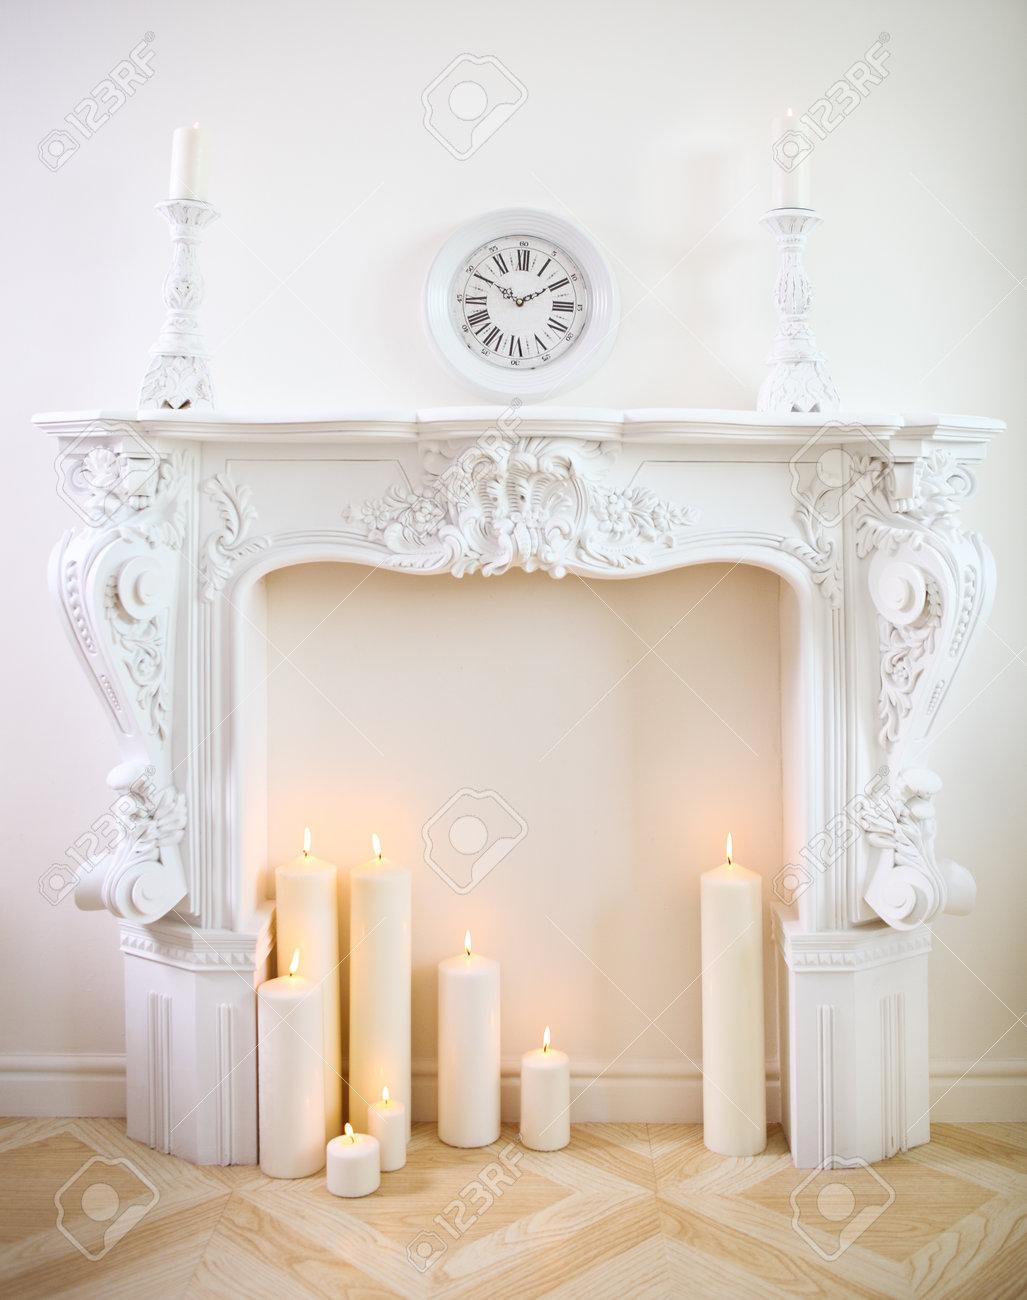 Weiss Dekokamin Mit Kerzen Lizenzfreie Fotos Bilder Und Stock